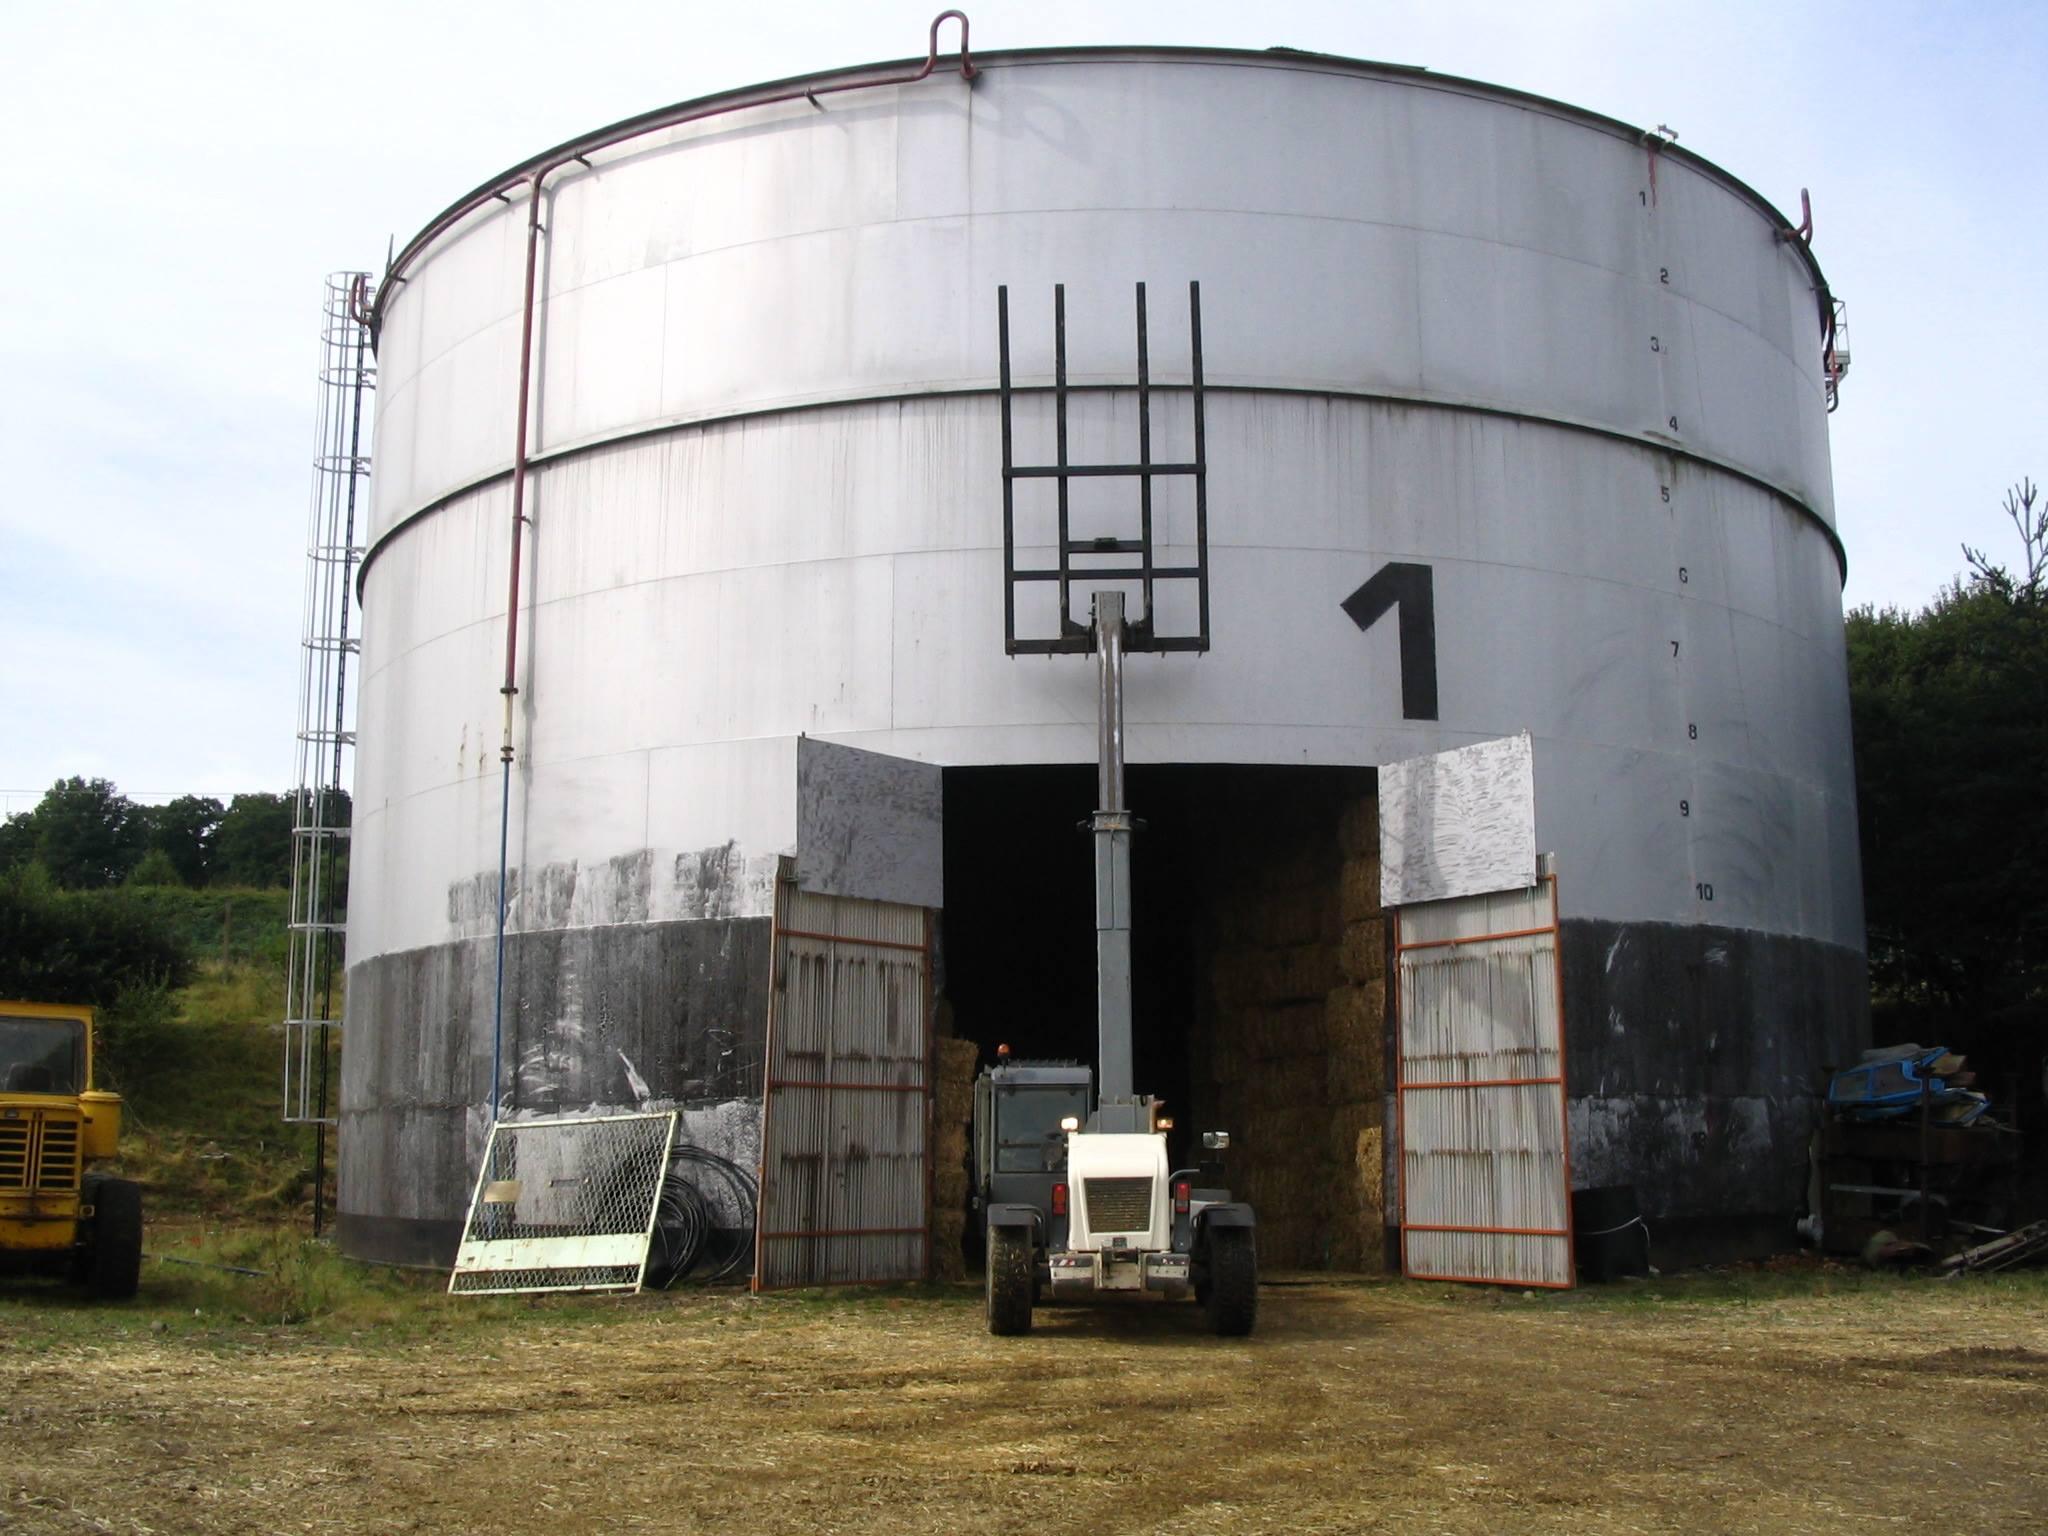 c-est-un-ancien-reservoir-a-carburant